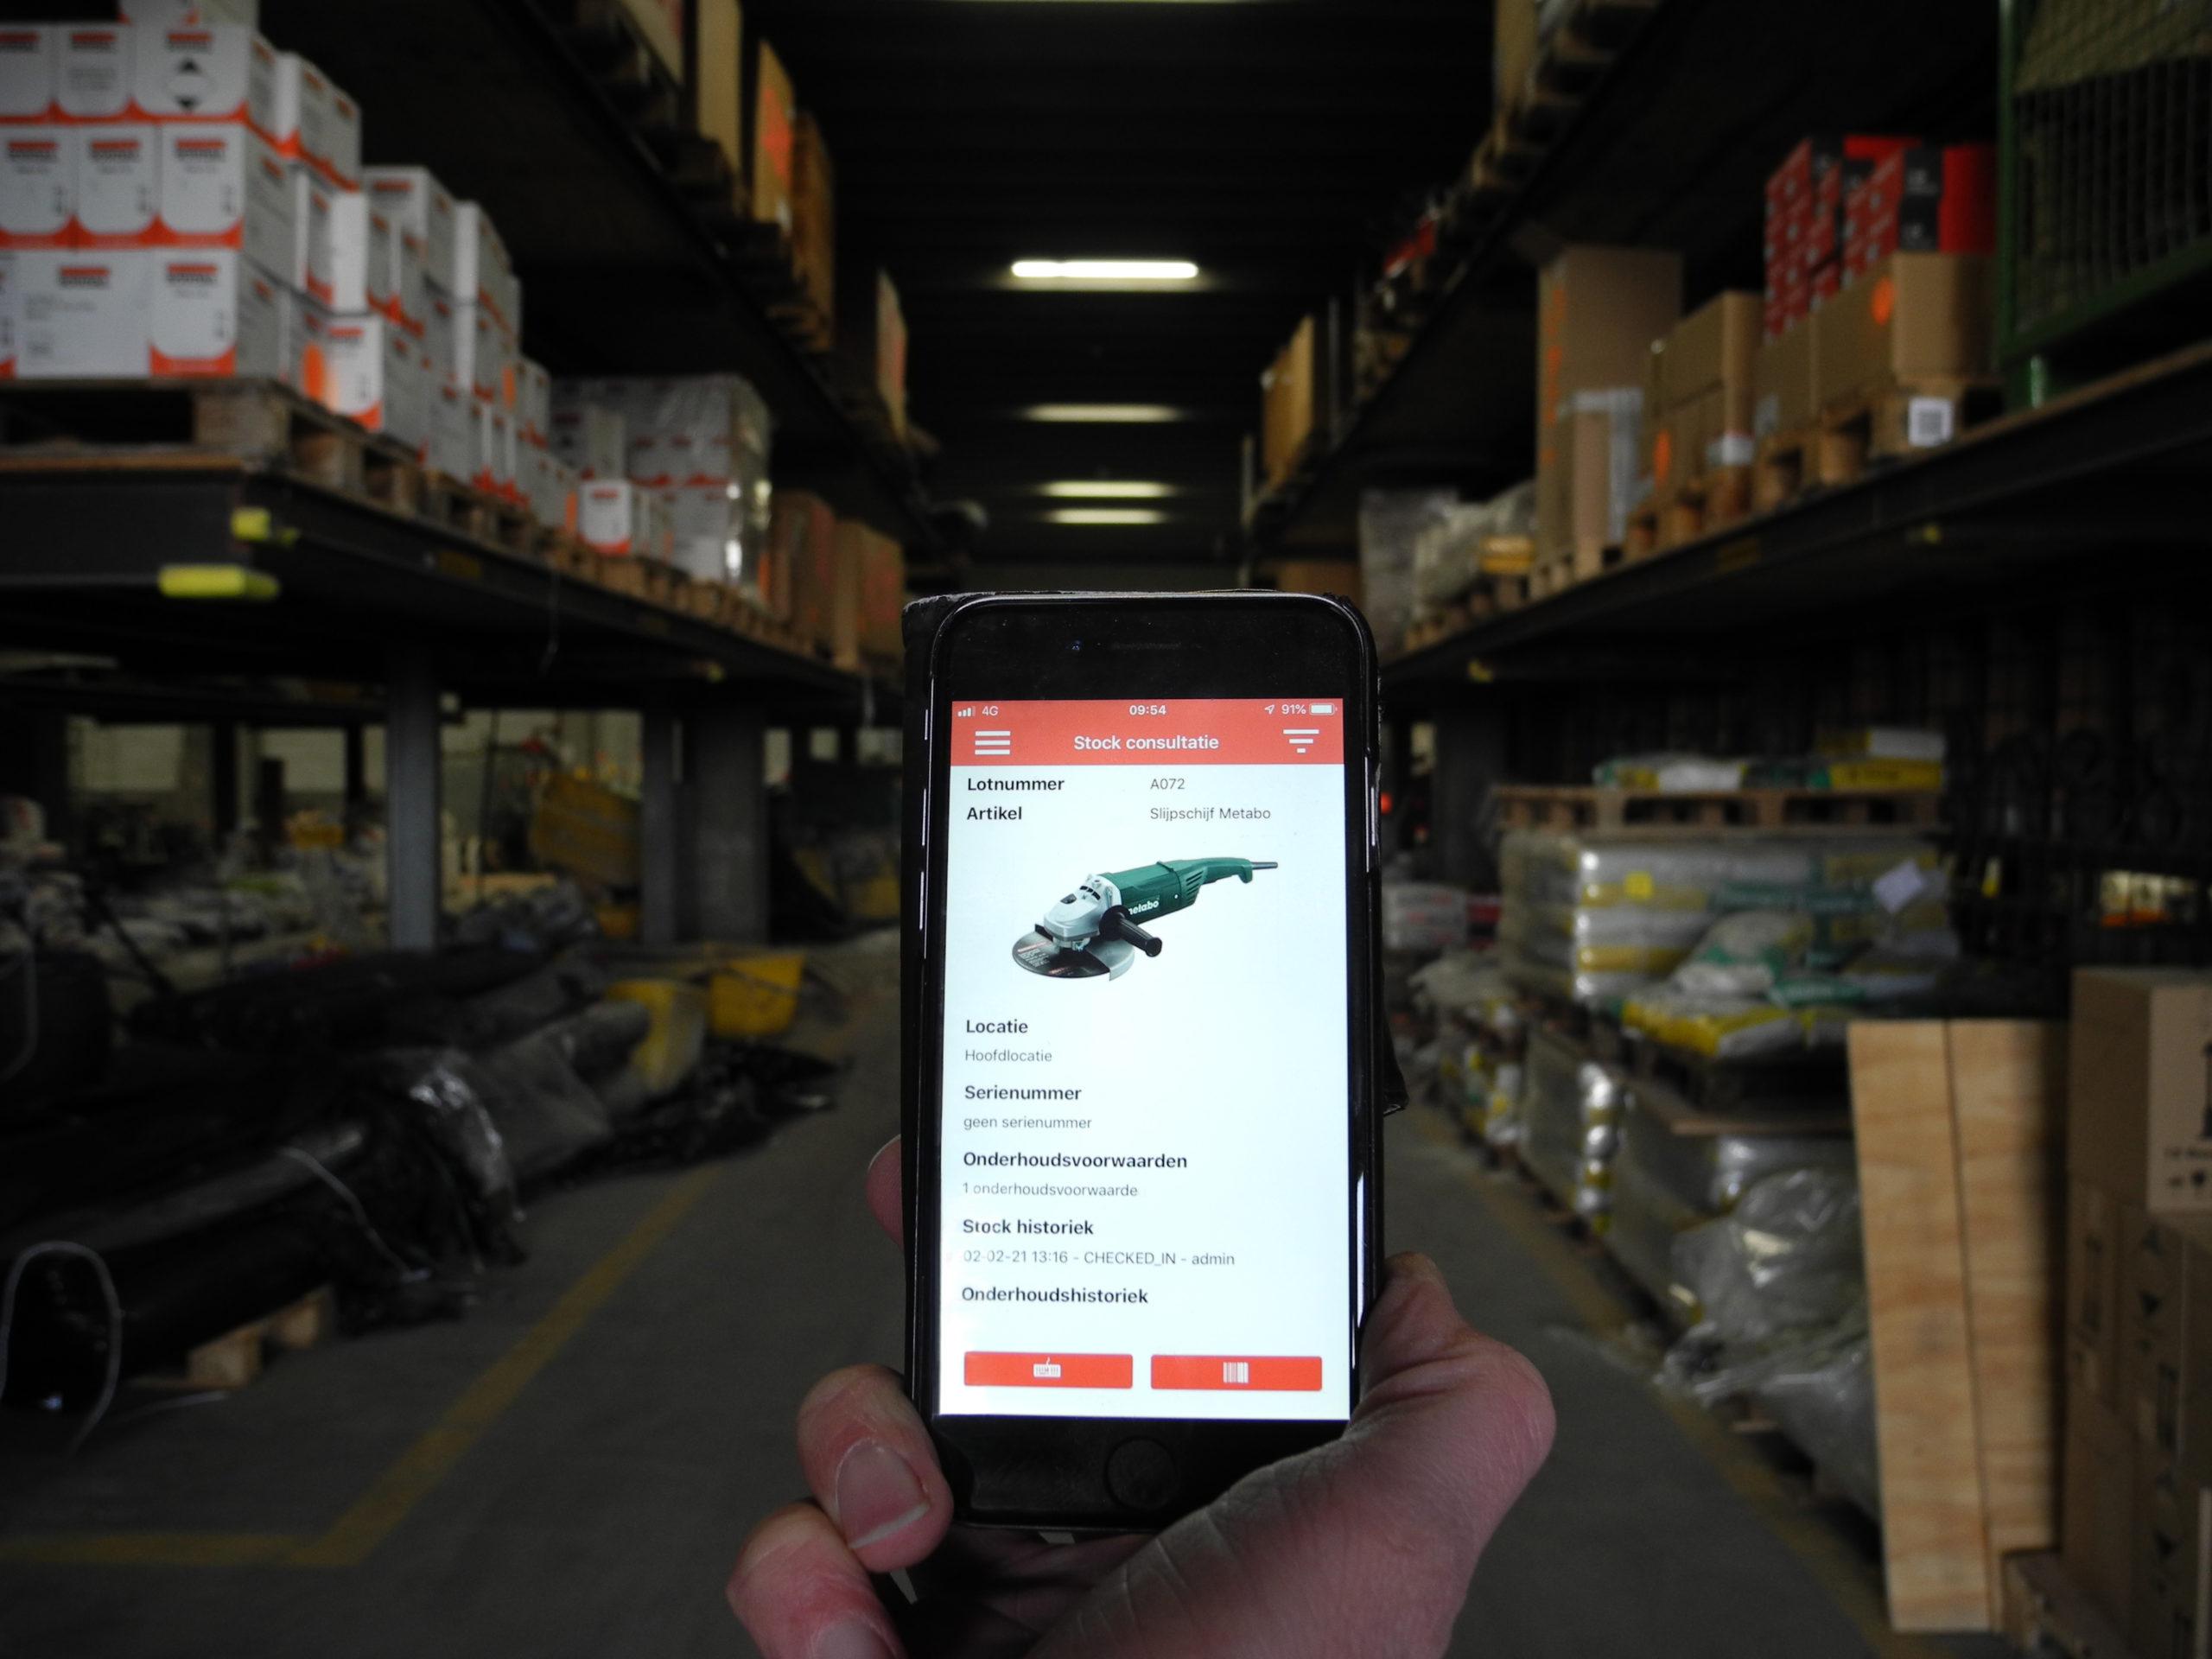 scanner voor stockbeheer